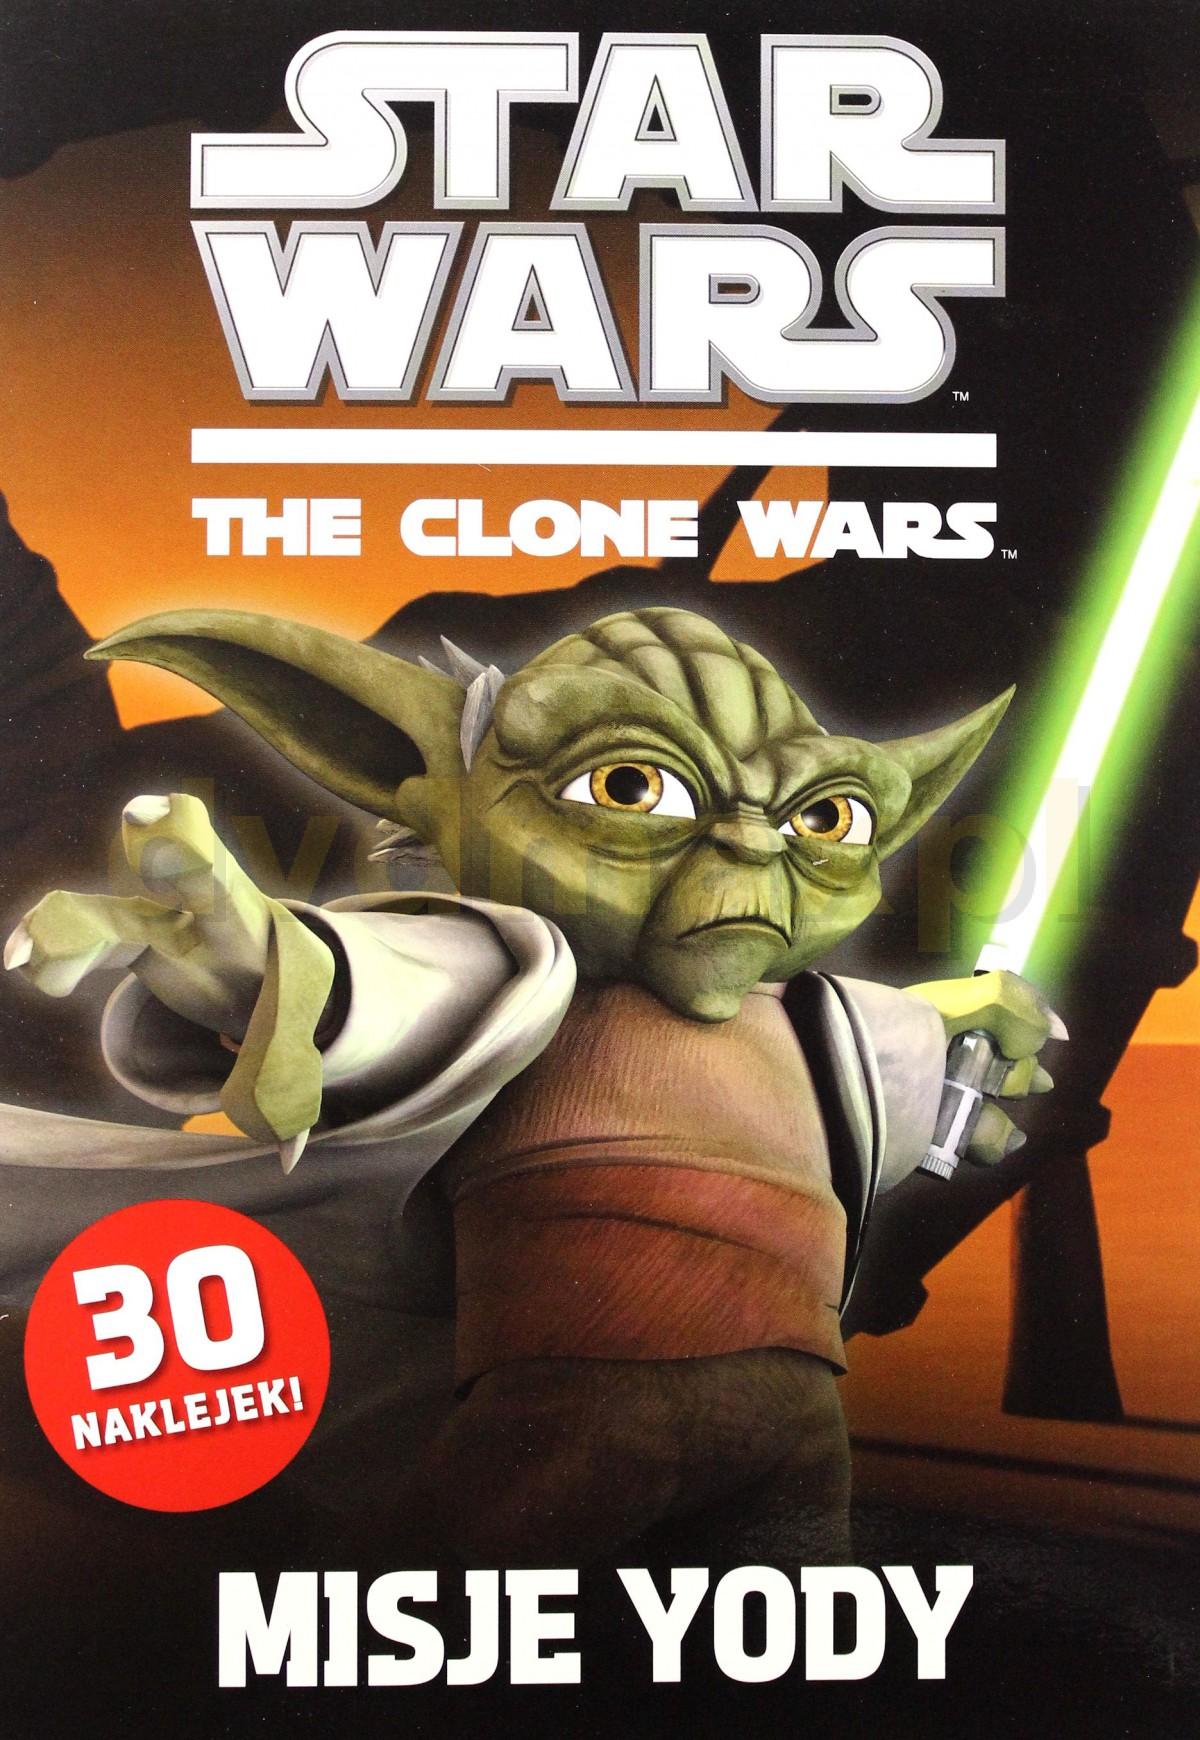 Gwiezdne Wojny: The Clone Wars ? Misje Yody (Star Wars) [KSIĄŻKA] - brak